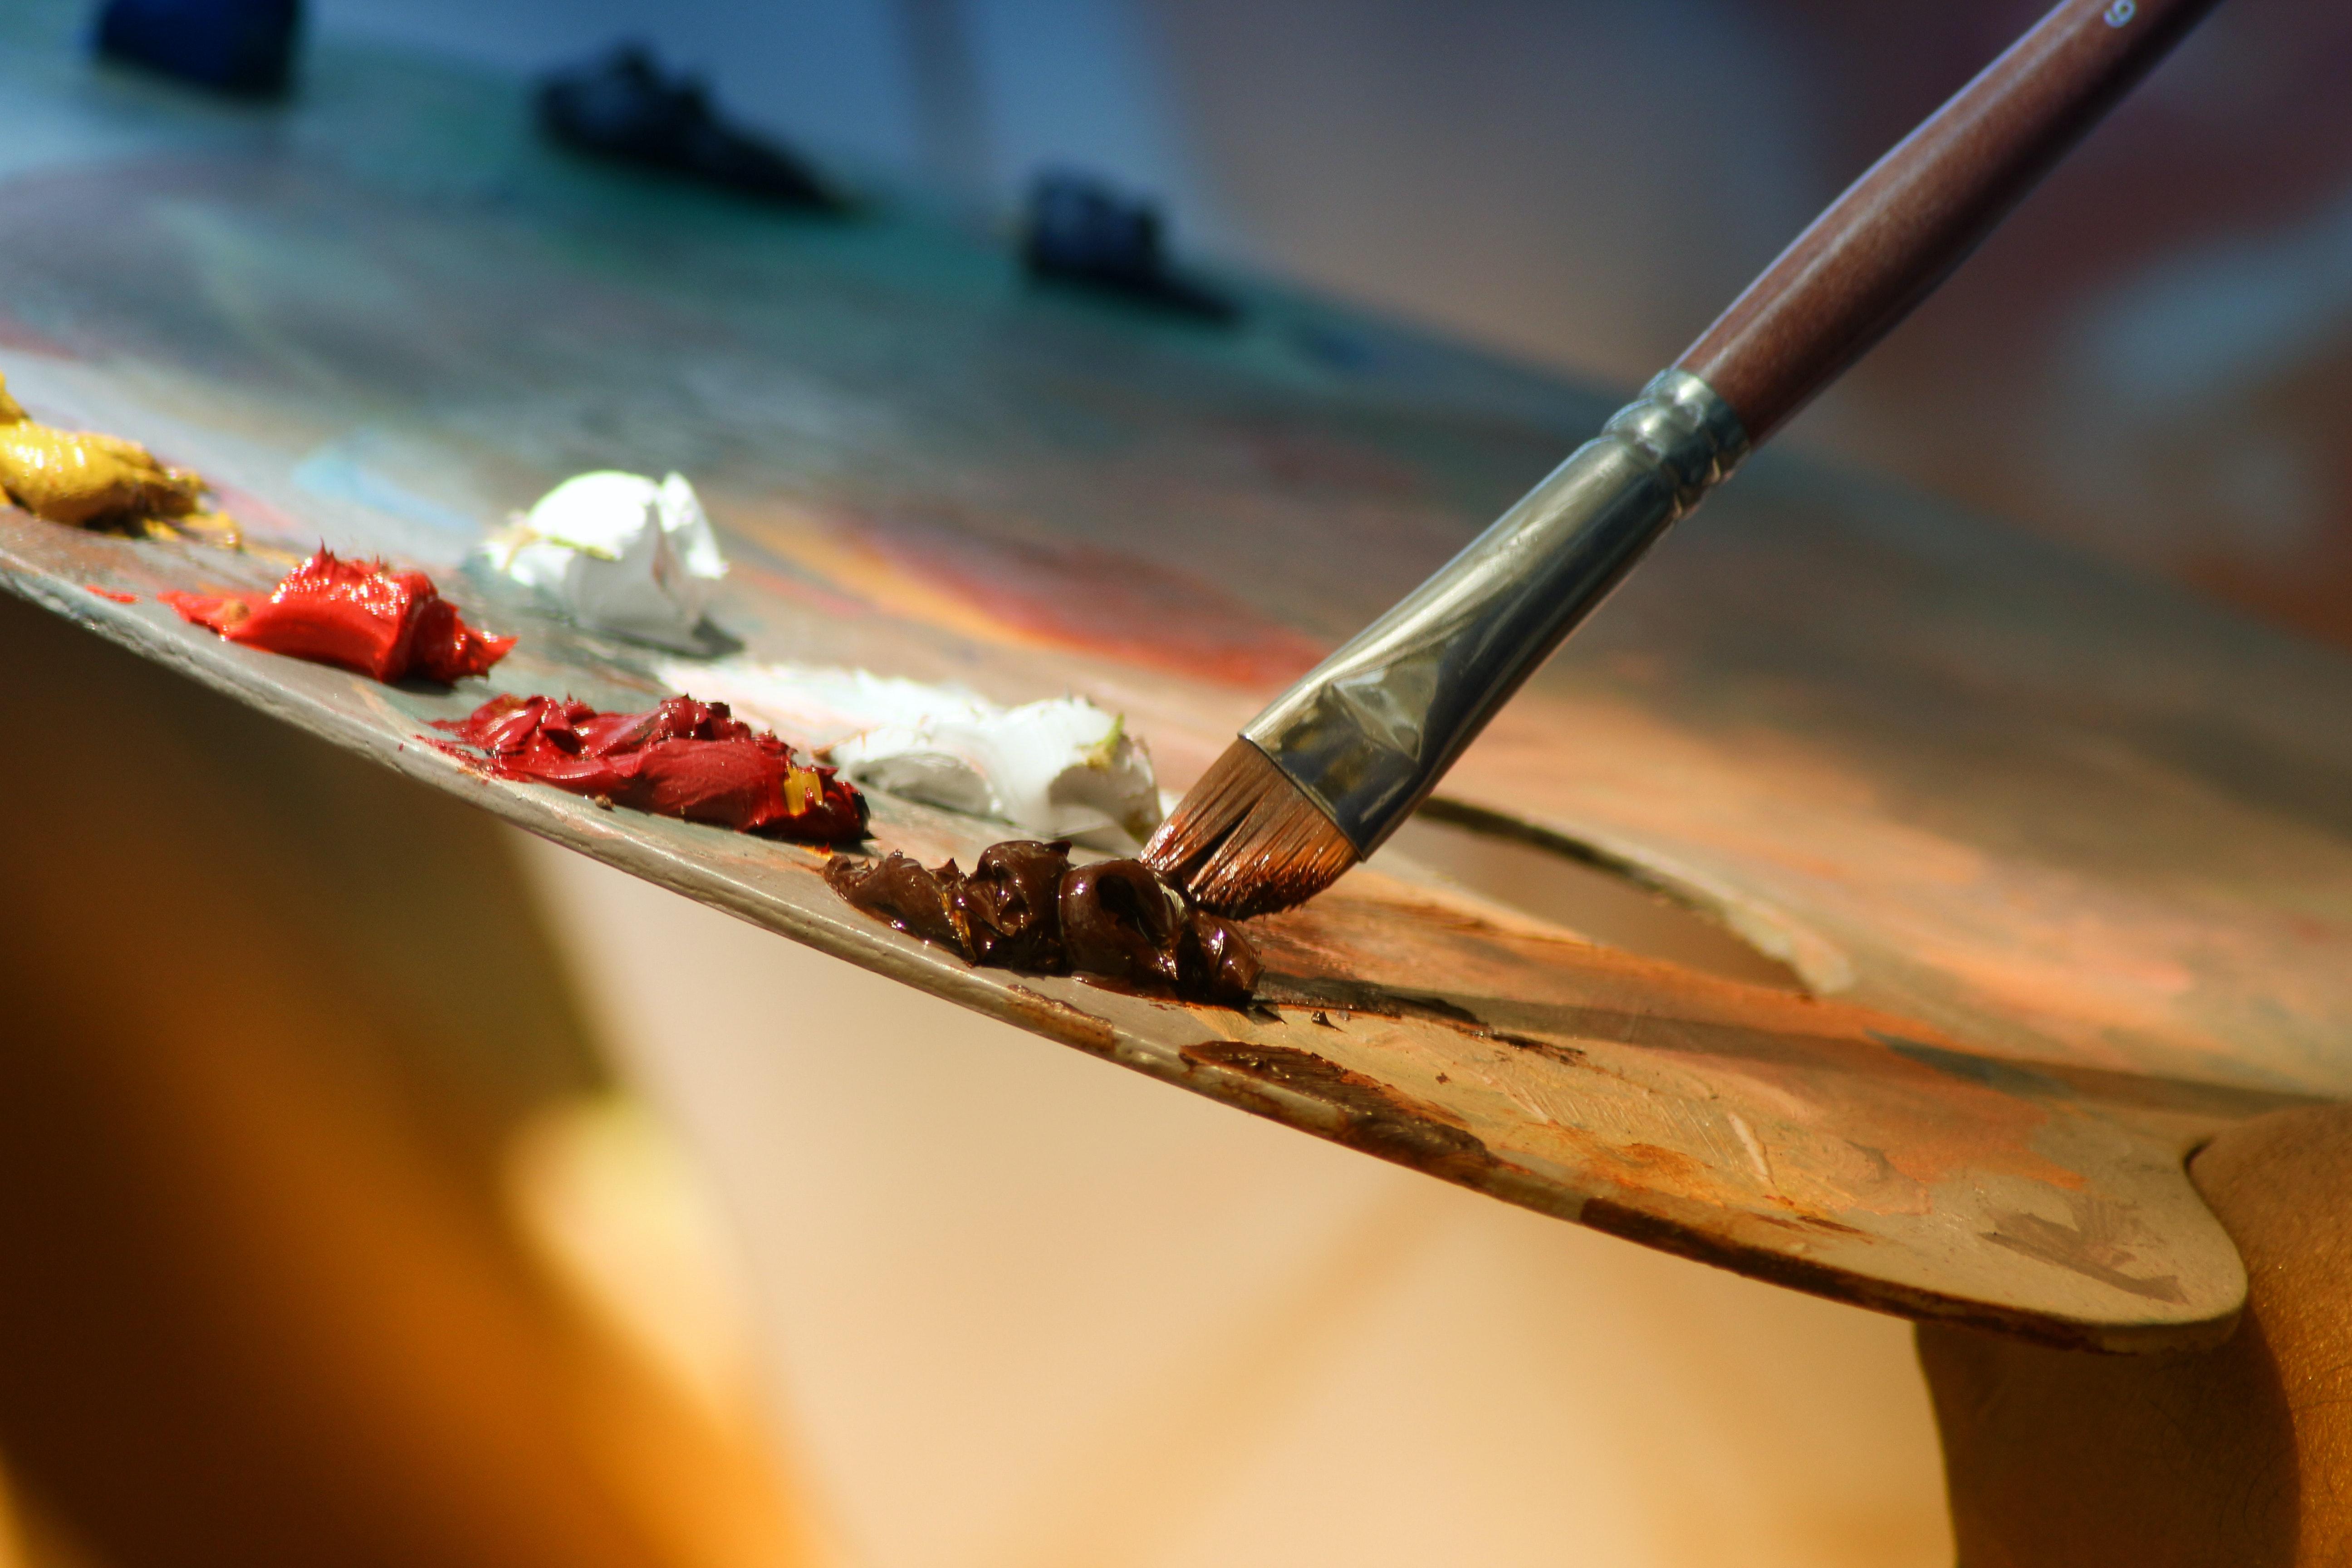 Jeste li znali da dobar hobi može poboljšati život